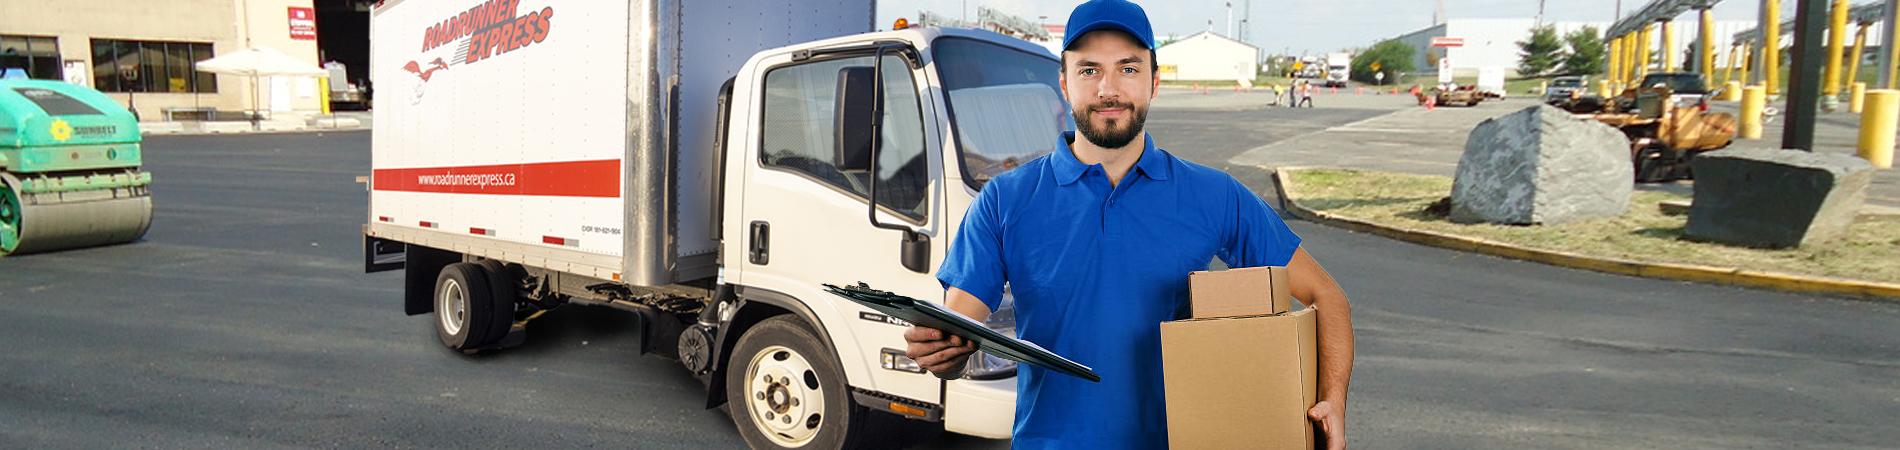 parcel delivery brantford